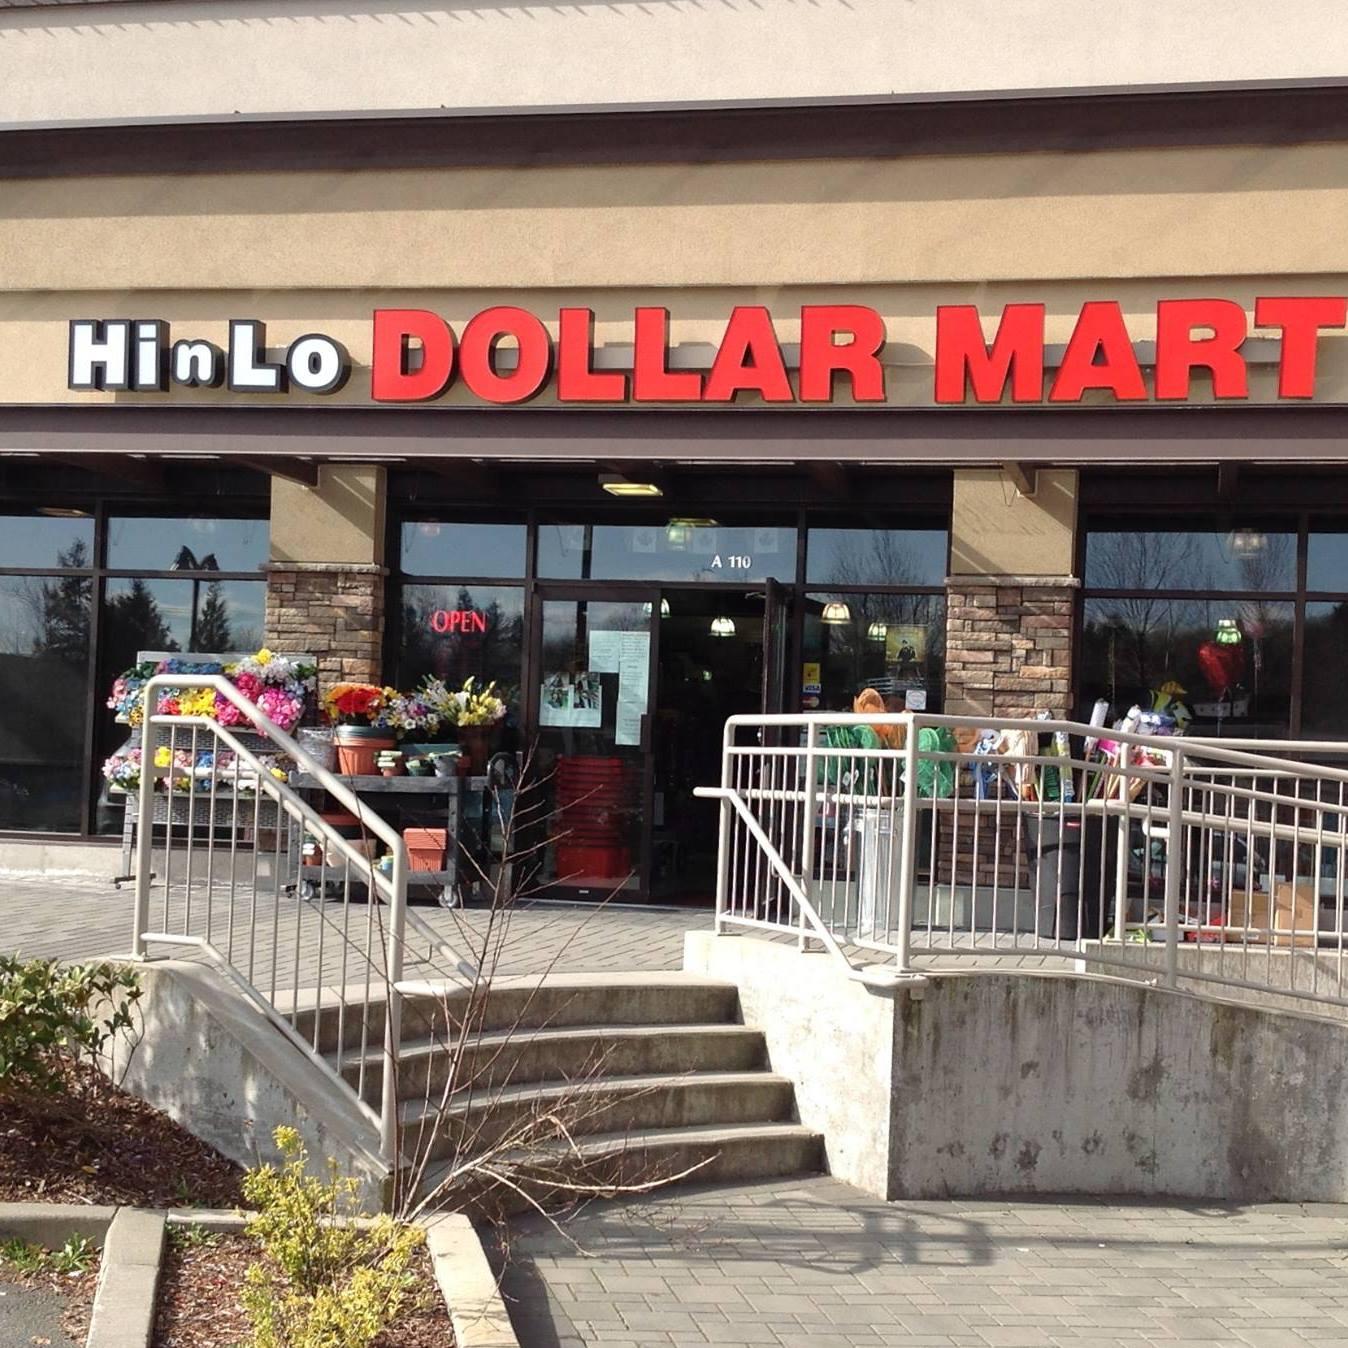 Hi N Lo Dollar Mart logo